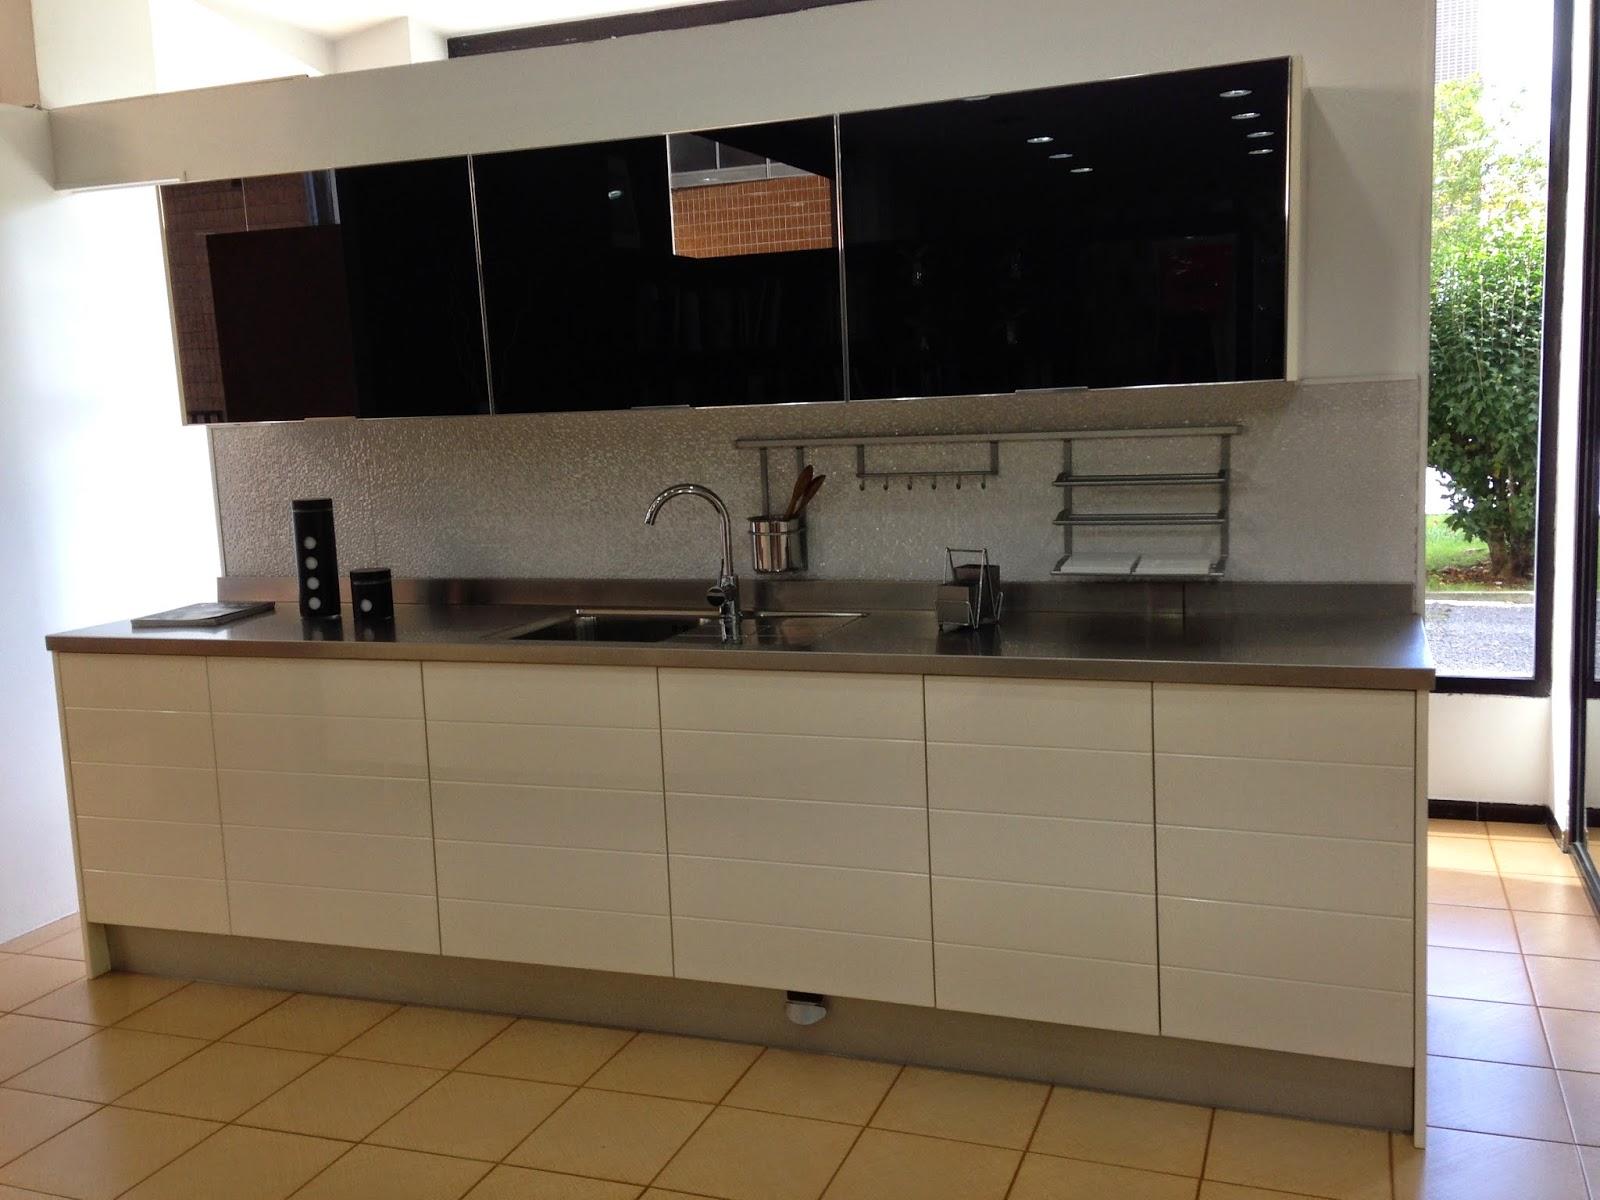 Precios especiales en muebles de cocina por cambio de Muebles de cocina xey modelo alpina